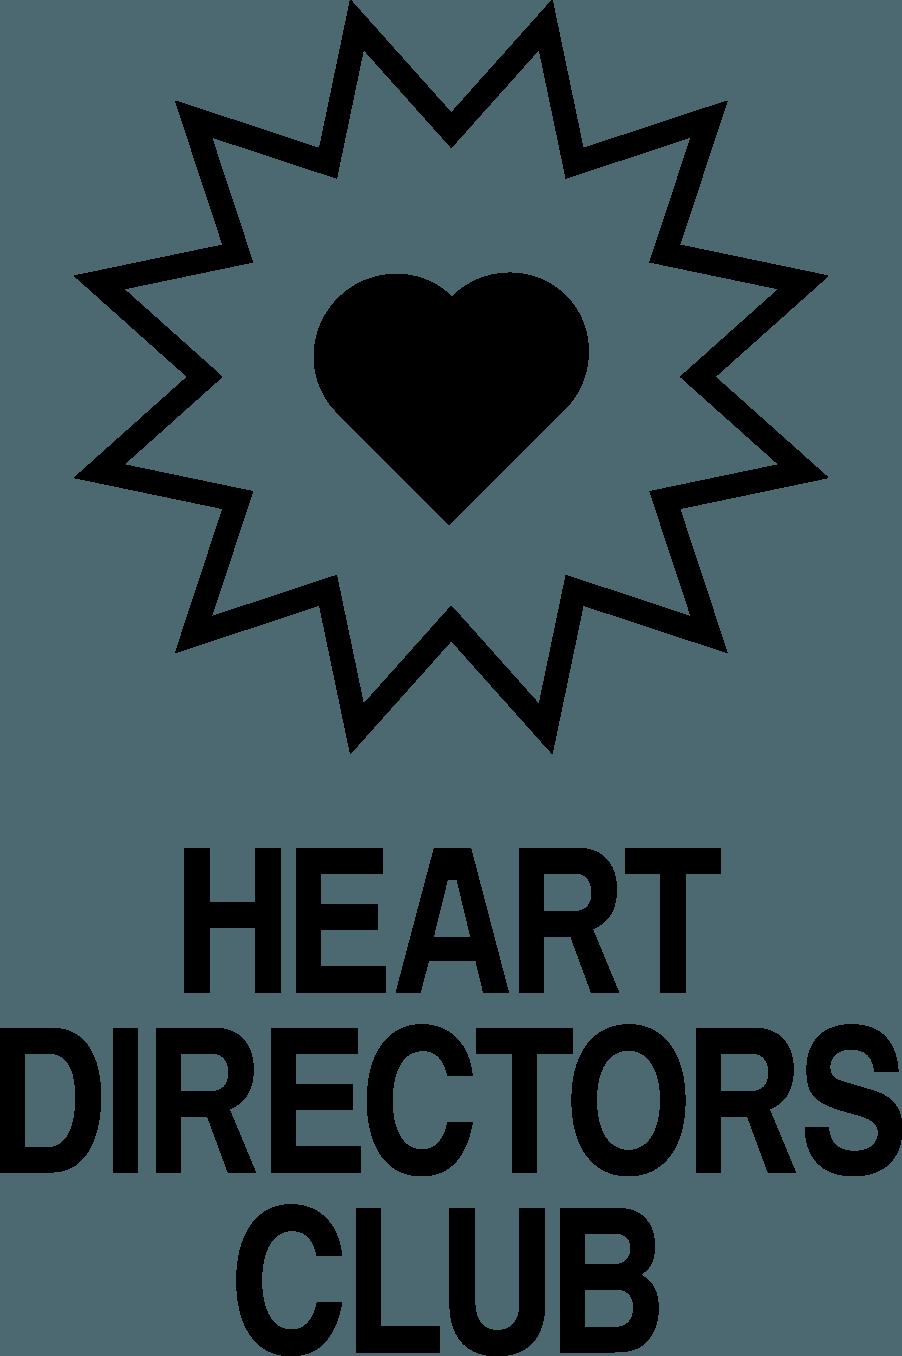 heartdirectorsclub.png